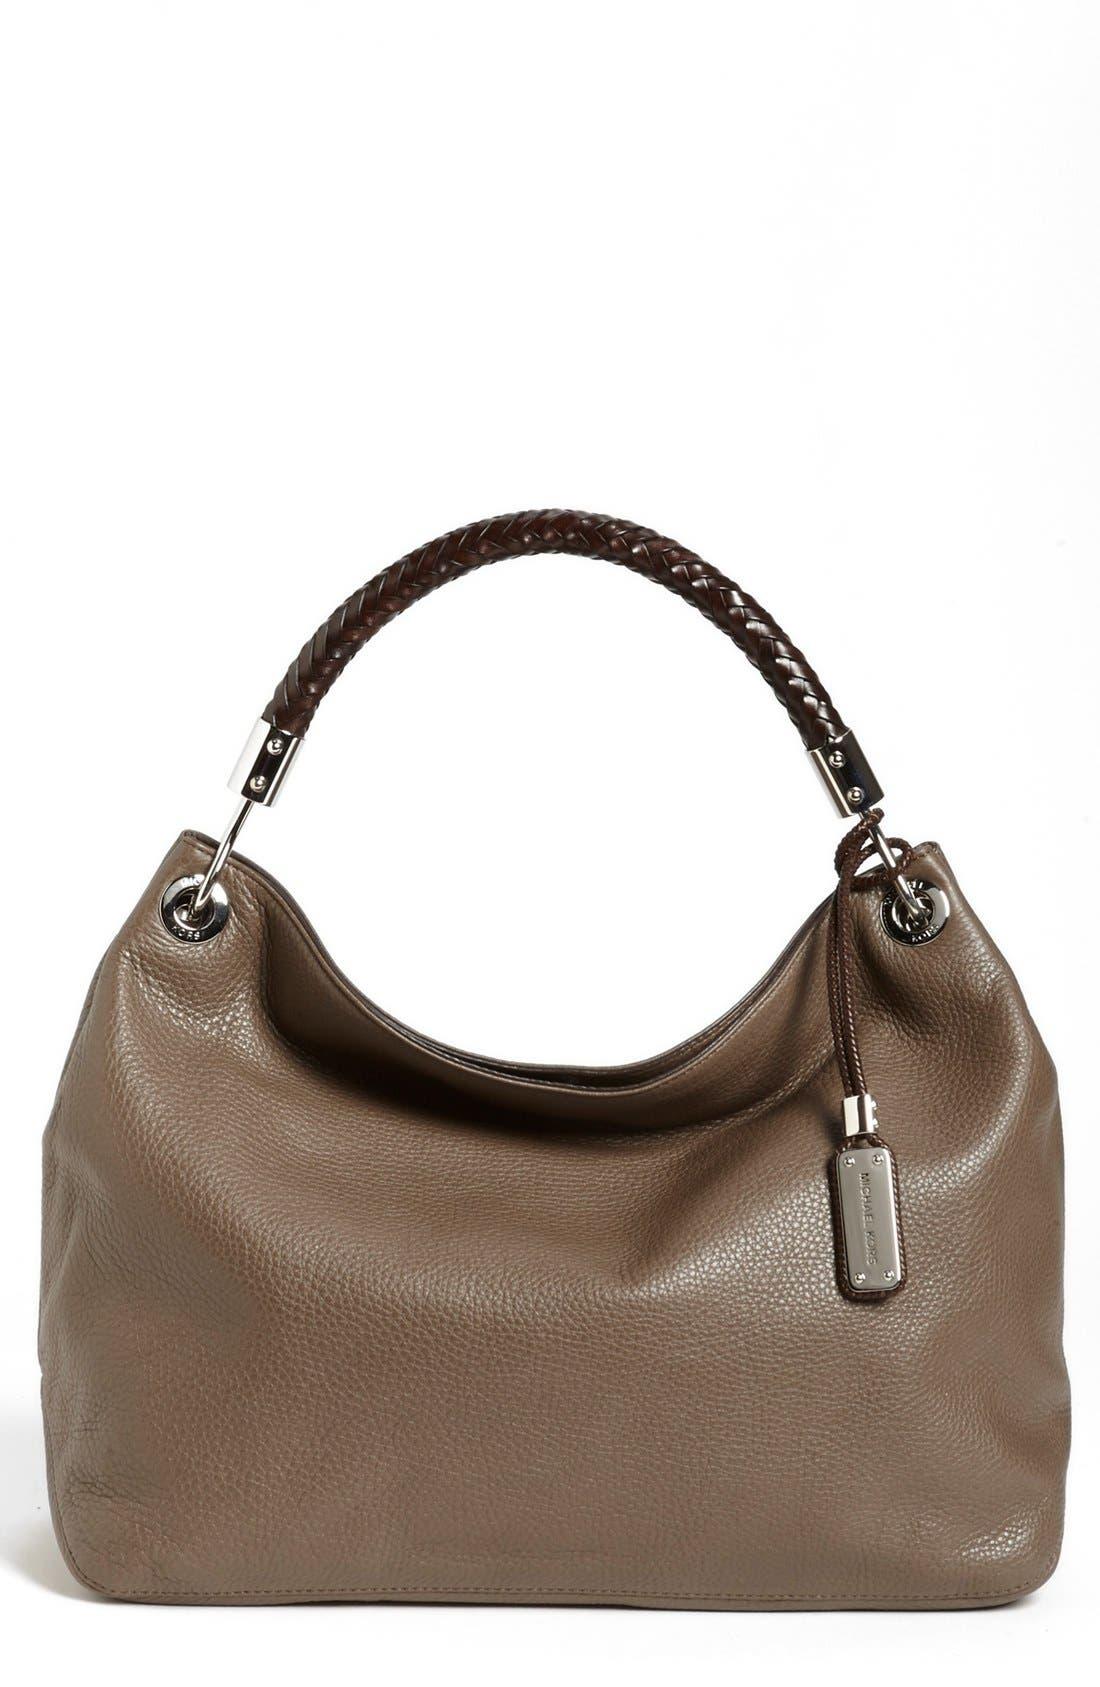 Alternate Image 1 Selected - Michael Kors 'Large Skorpios' Leather Shoulder Bag